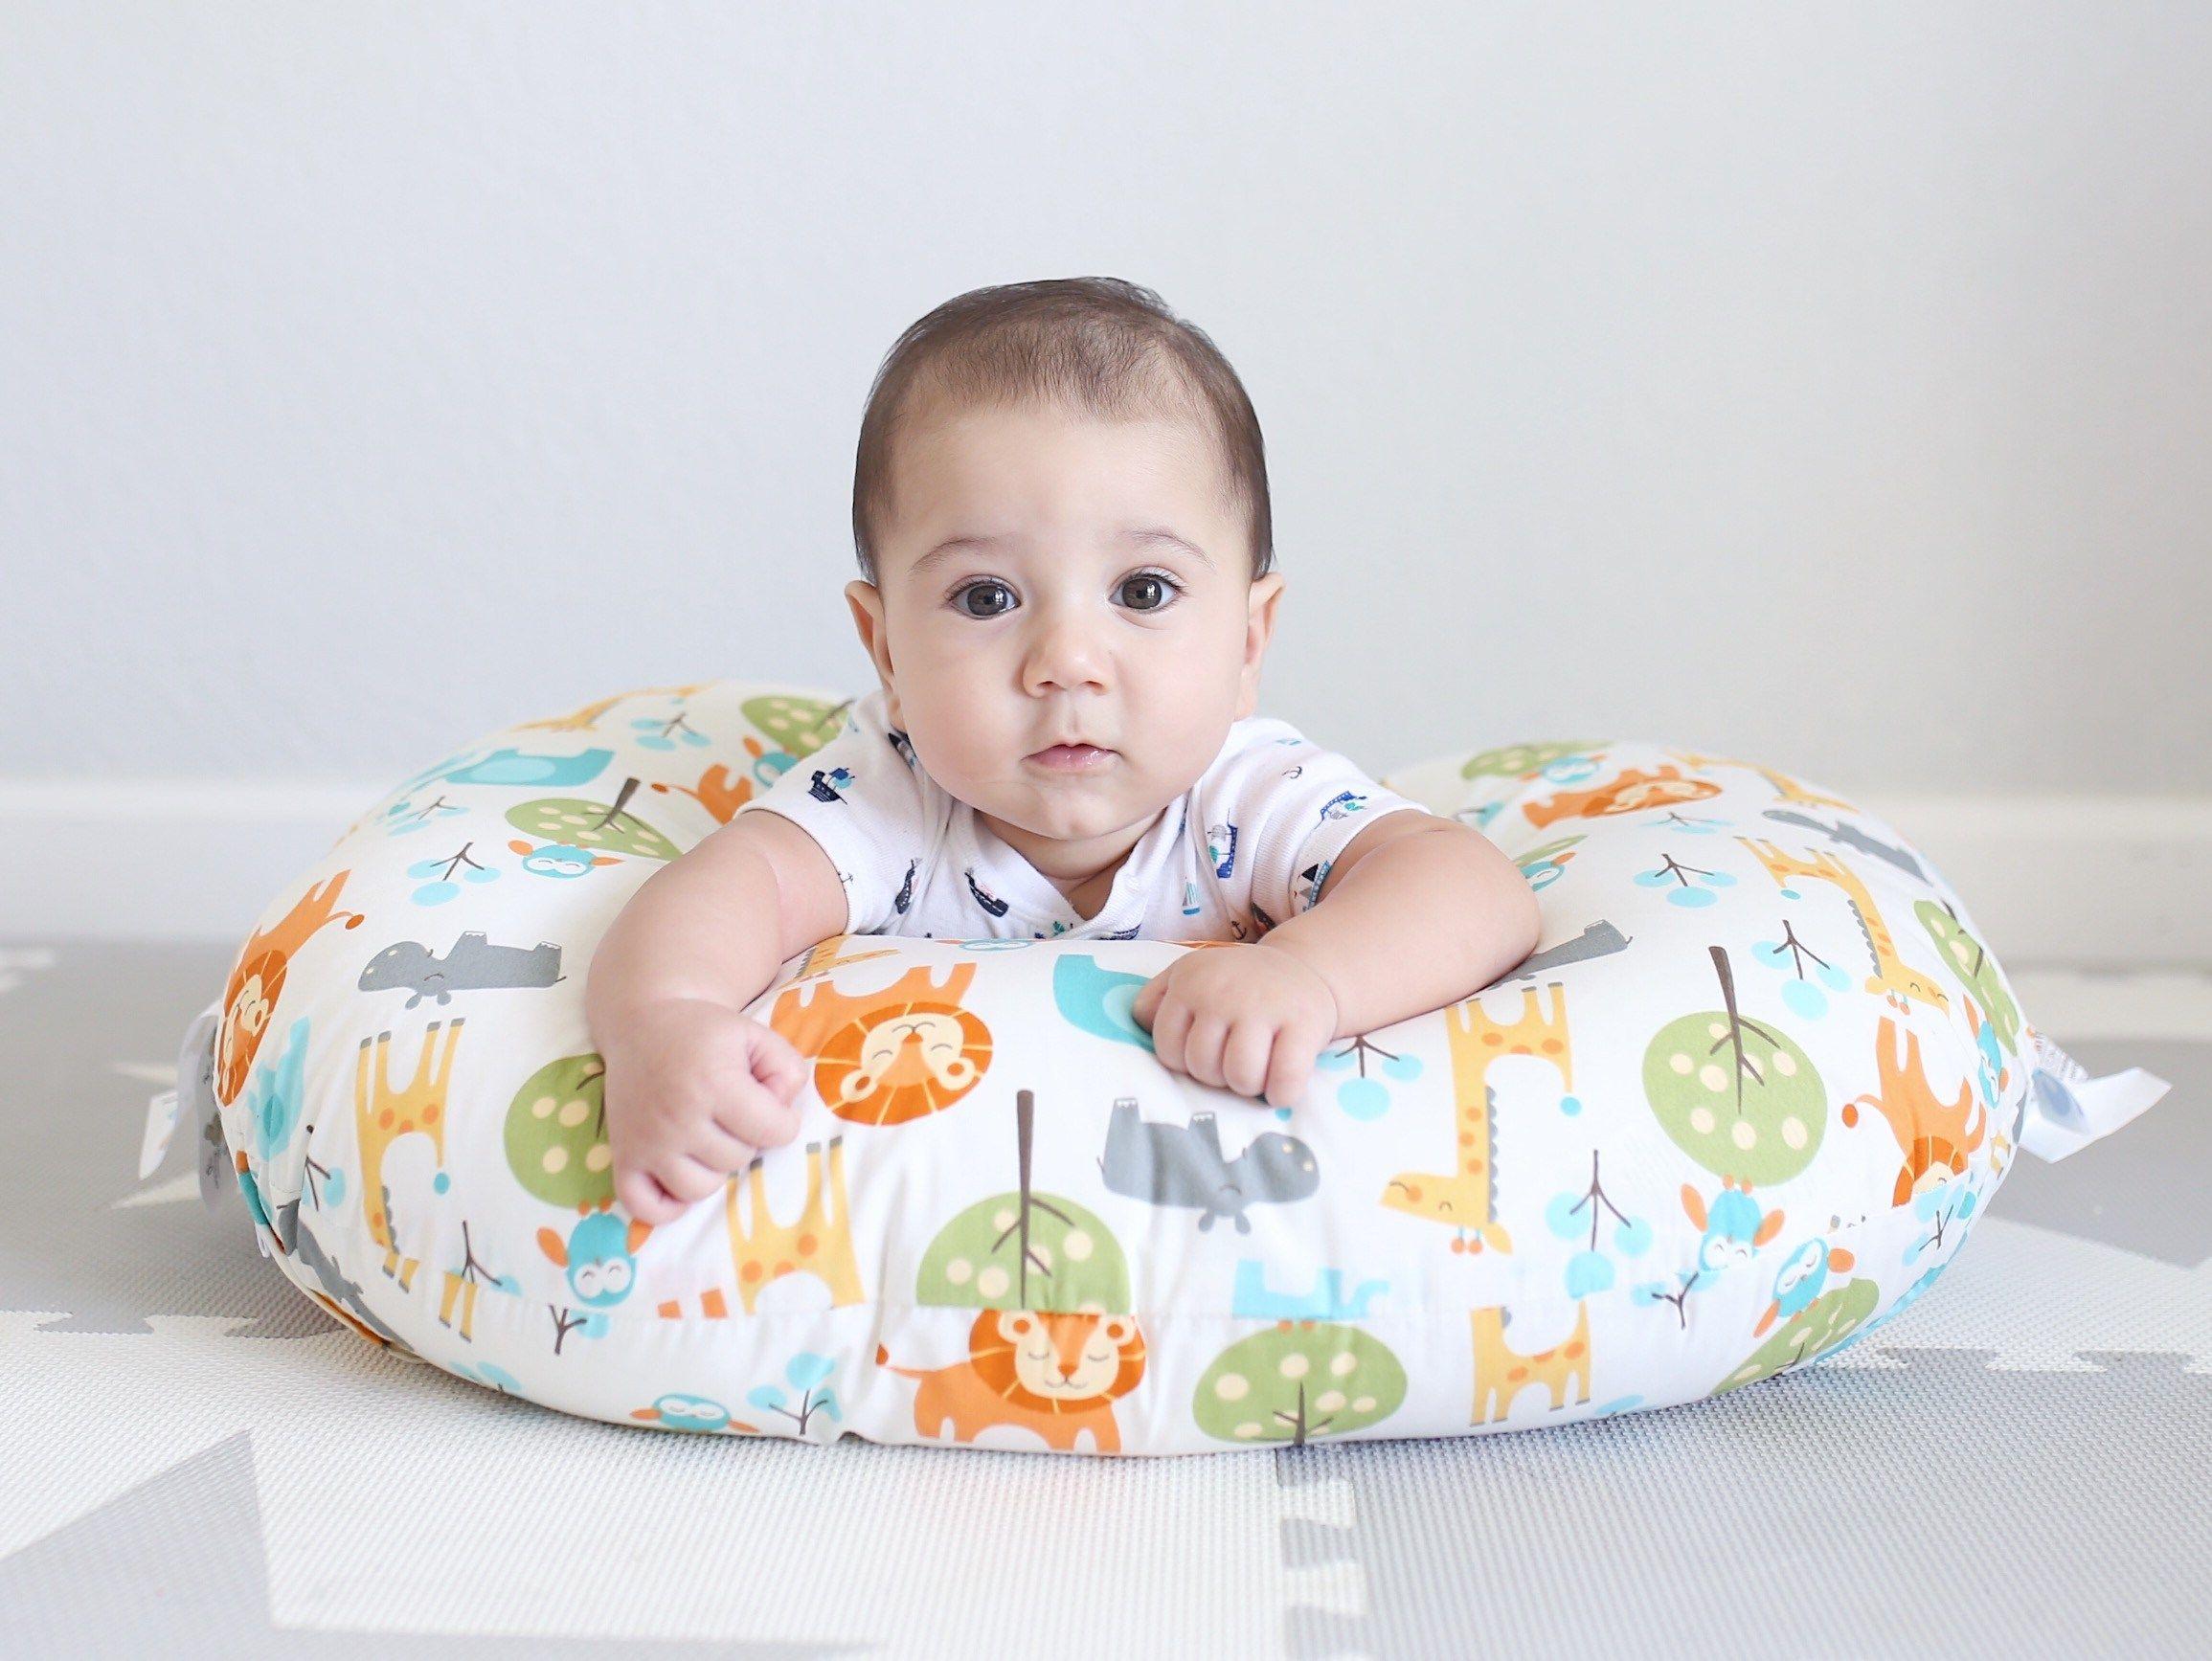 2. Pastikan bayi tetap nyaman saat tummy time